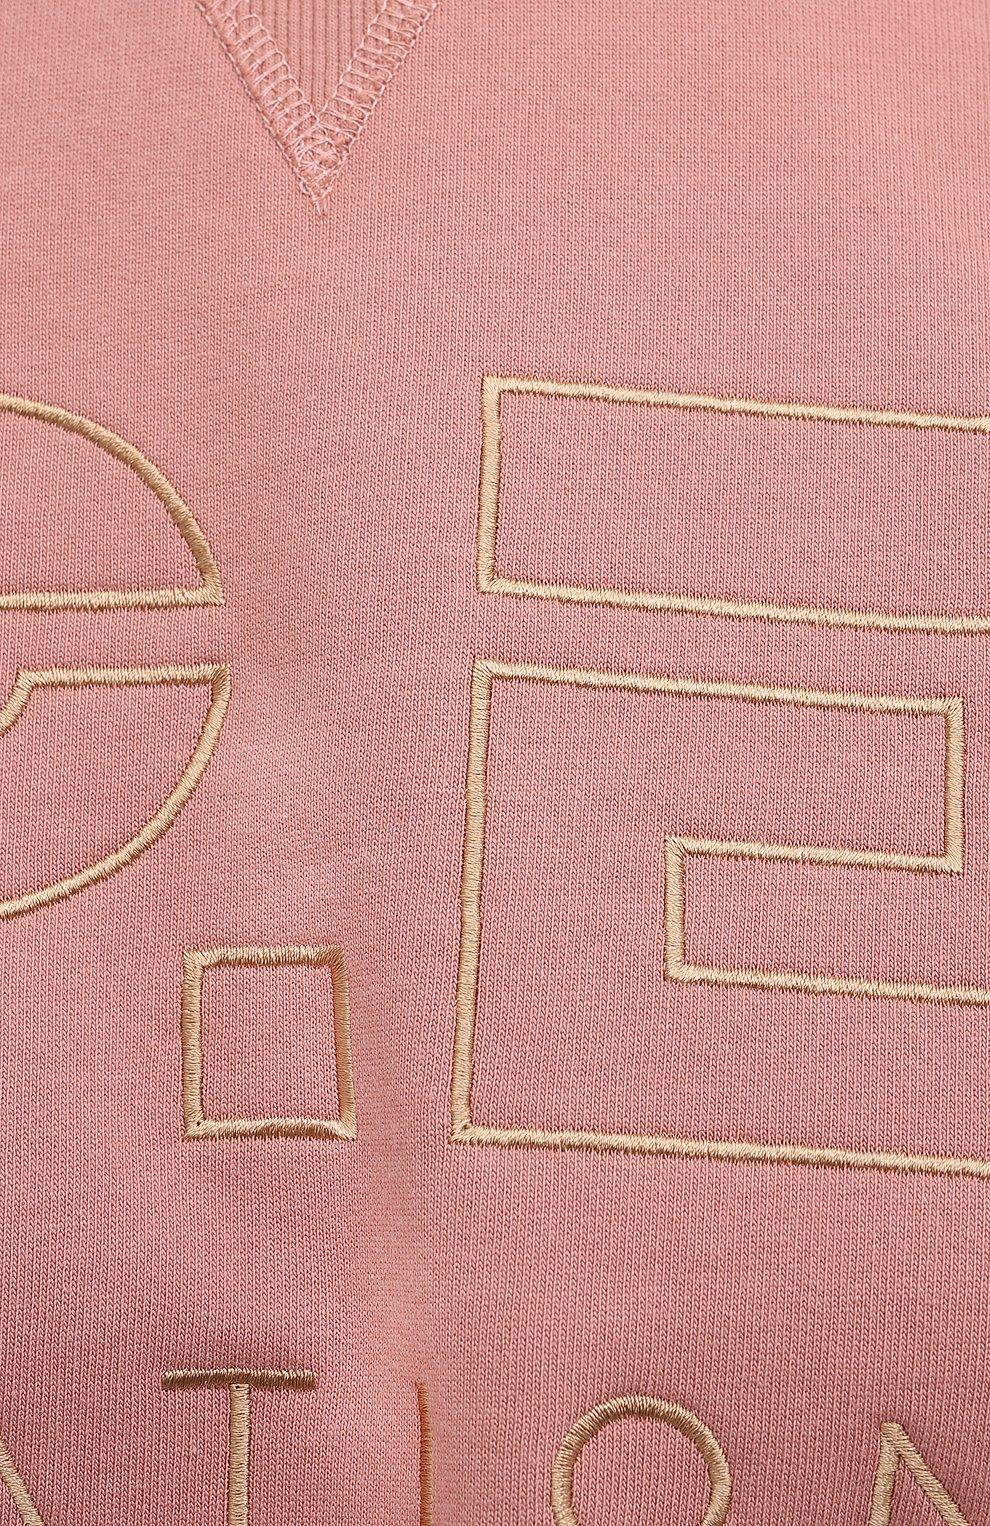 Женский хлопковый свитшот P.E. NATION розового цвета, арт. 20PE2F113 | Фото 5 (Рукава: Длинные; Кросс-КТ: Спорт; Длина (для топов): Стандартные; Женское Кросс-КТ: Свитшот-спорт; Материал внешний: Хлопок; Стили: Спорт-шик)